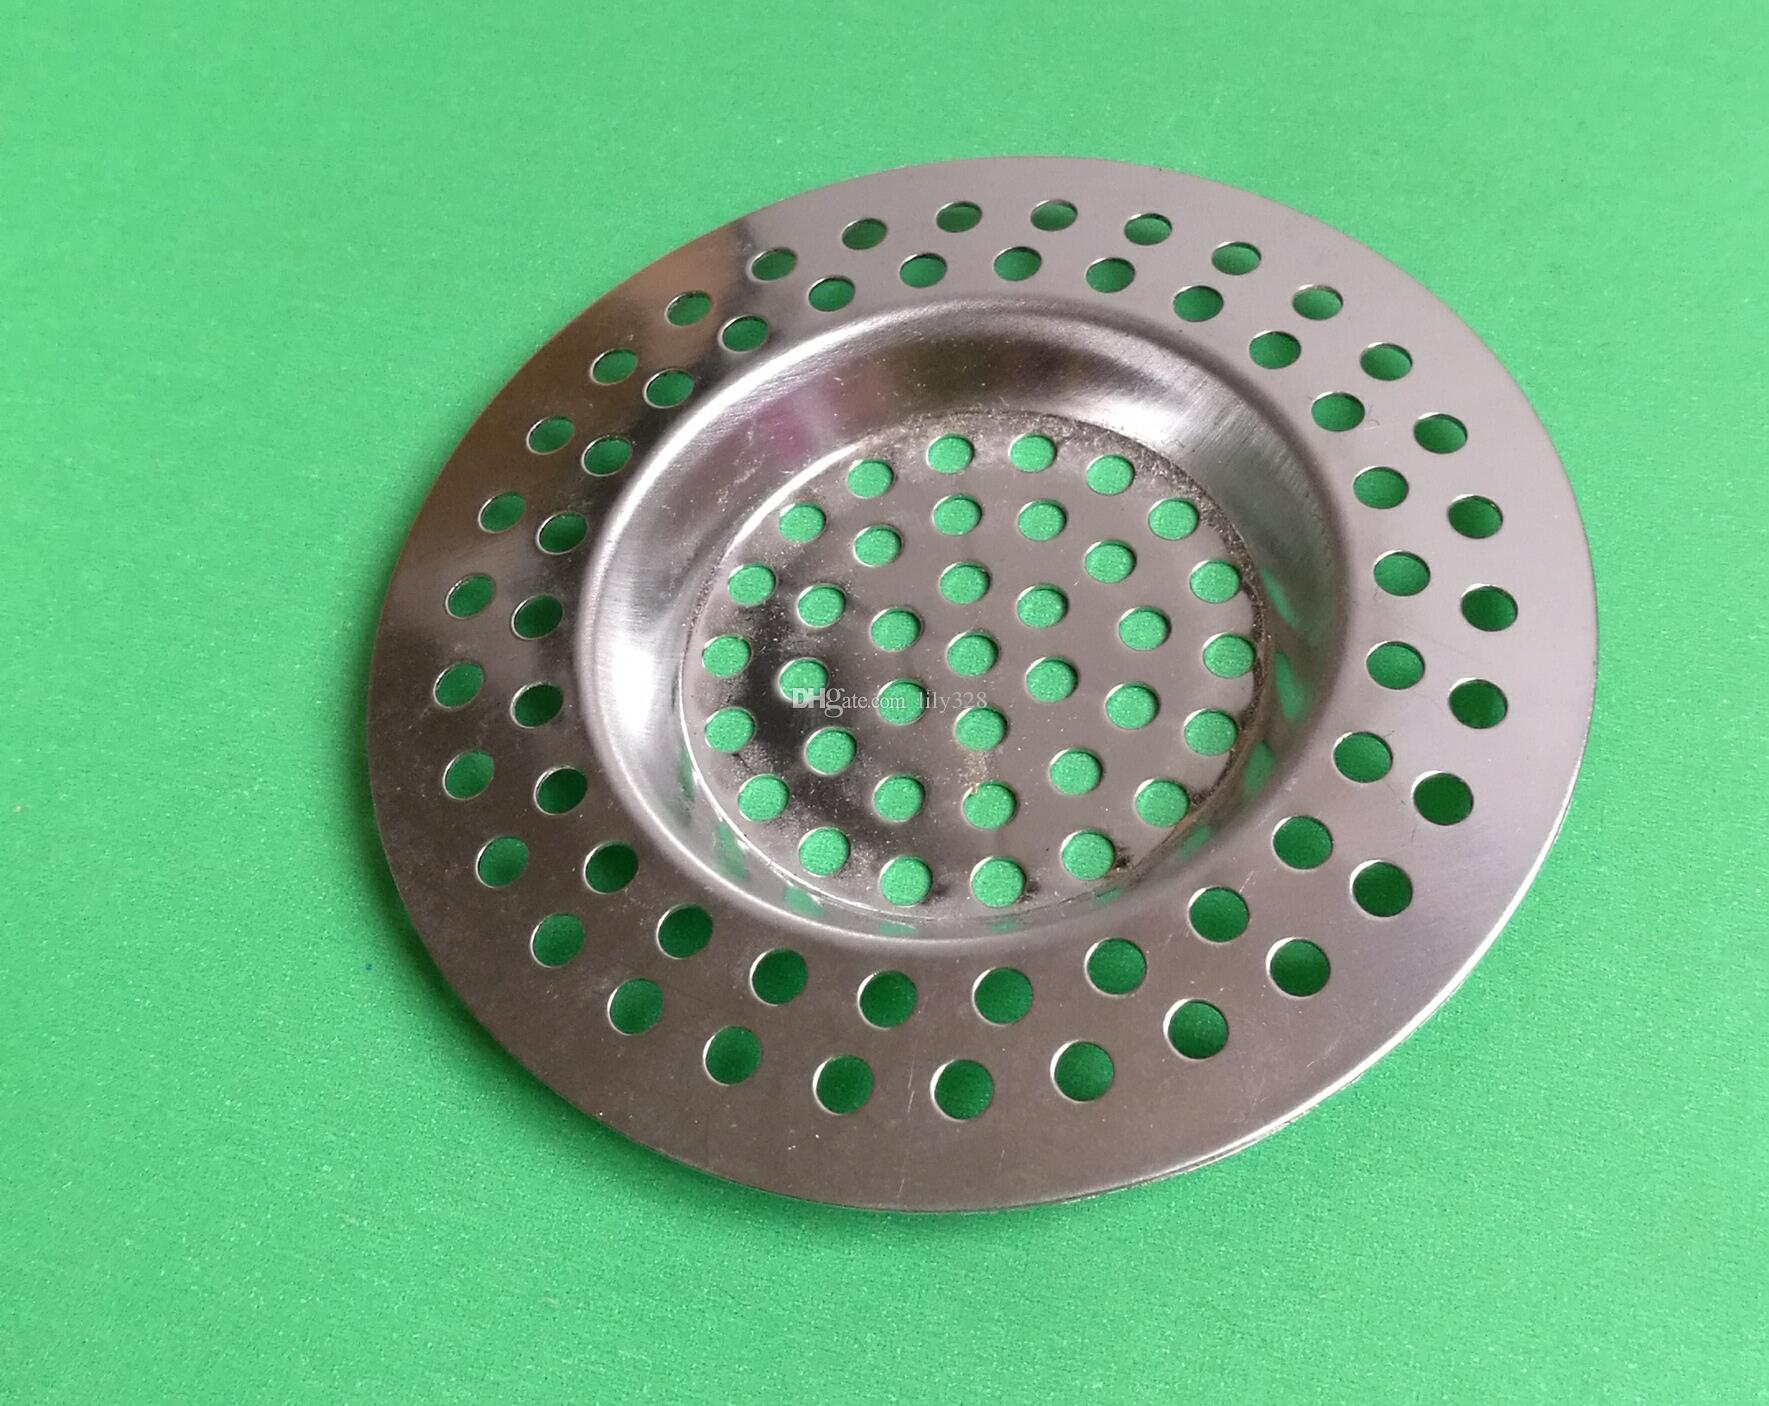 7.5 cm in acciaio inox rotondo scarico a pavimento cucina lavello filtro fognatura scarico capelli scolapasta filtri filtro da bagno